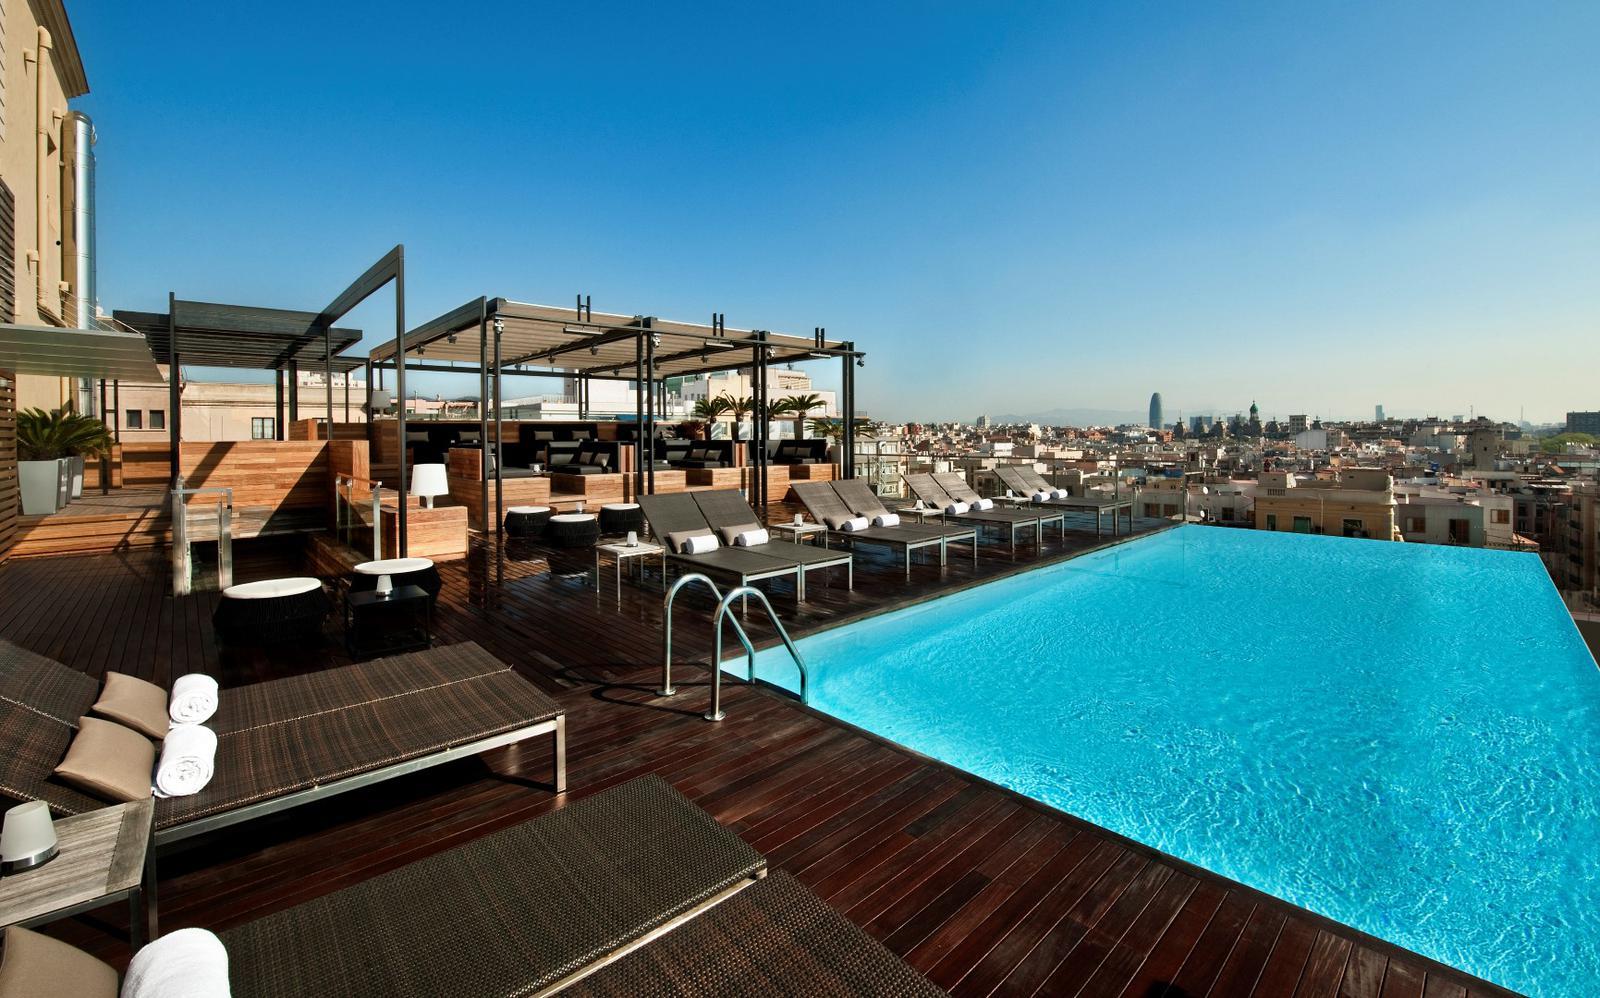 mejores terrazas de hoteles Grand Hotel Barcelona